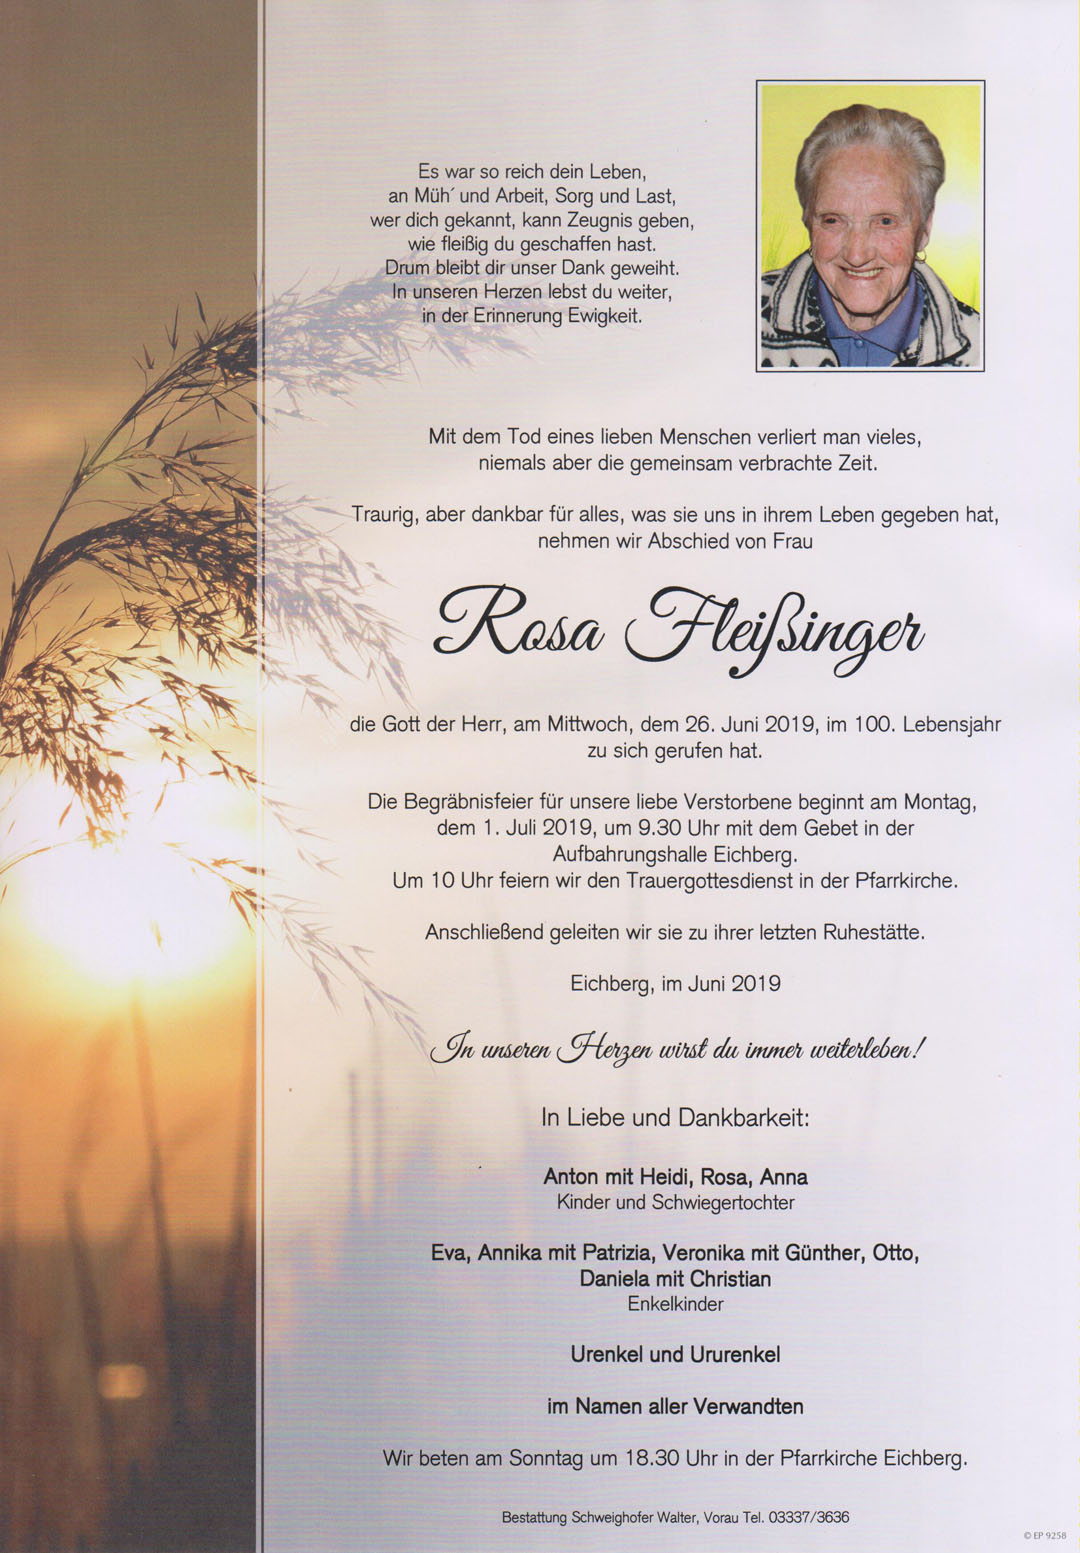 Rosa Fleissinger